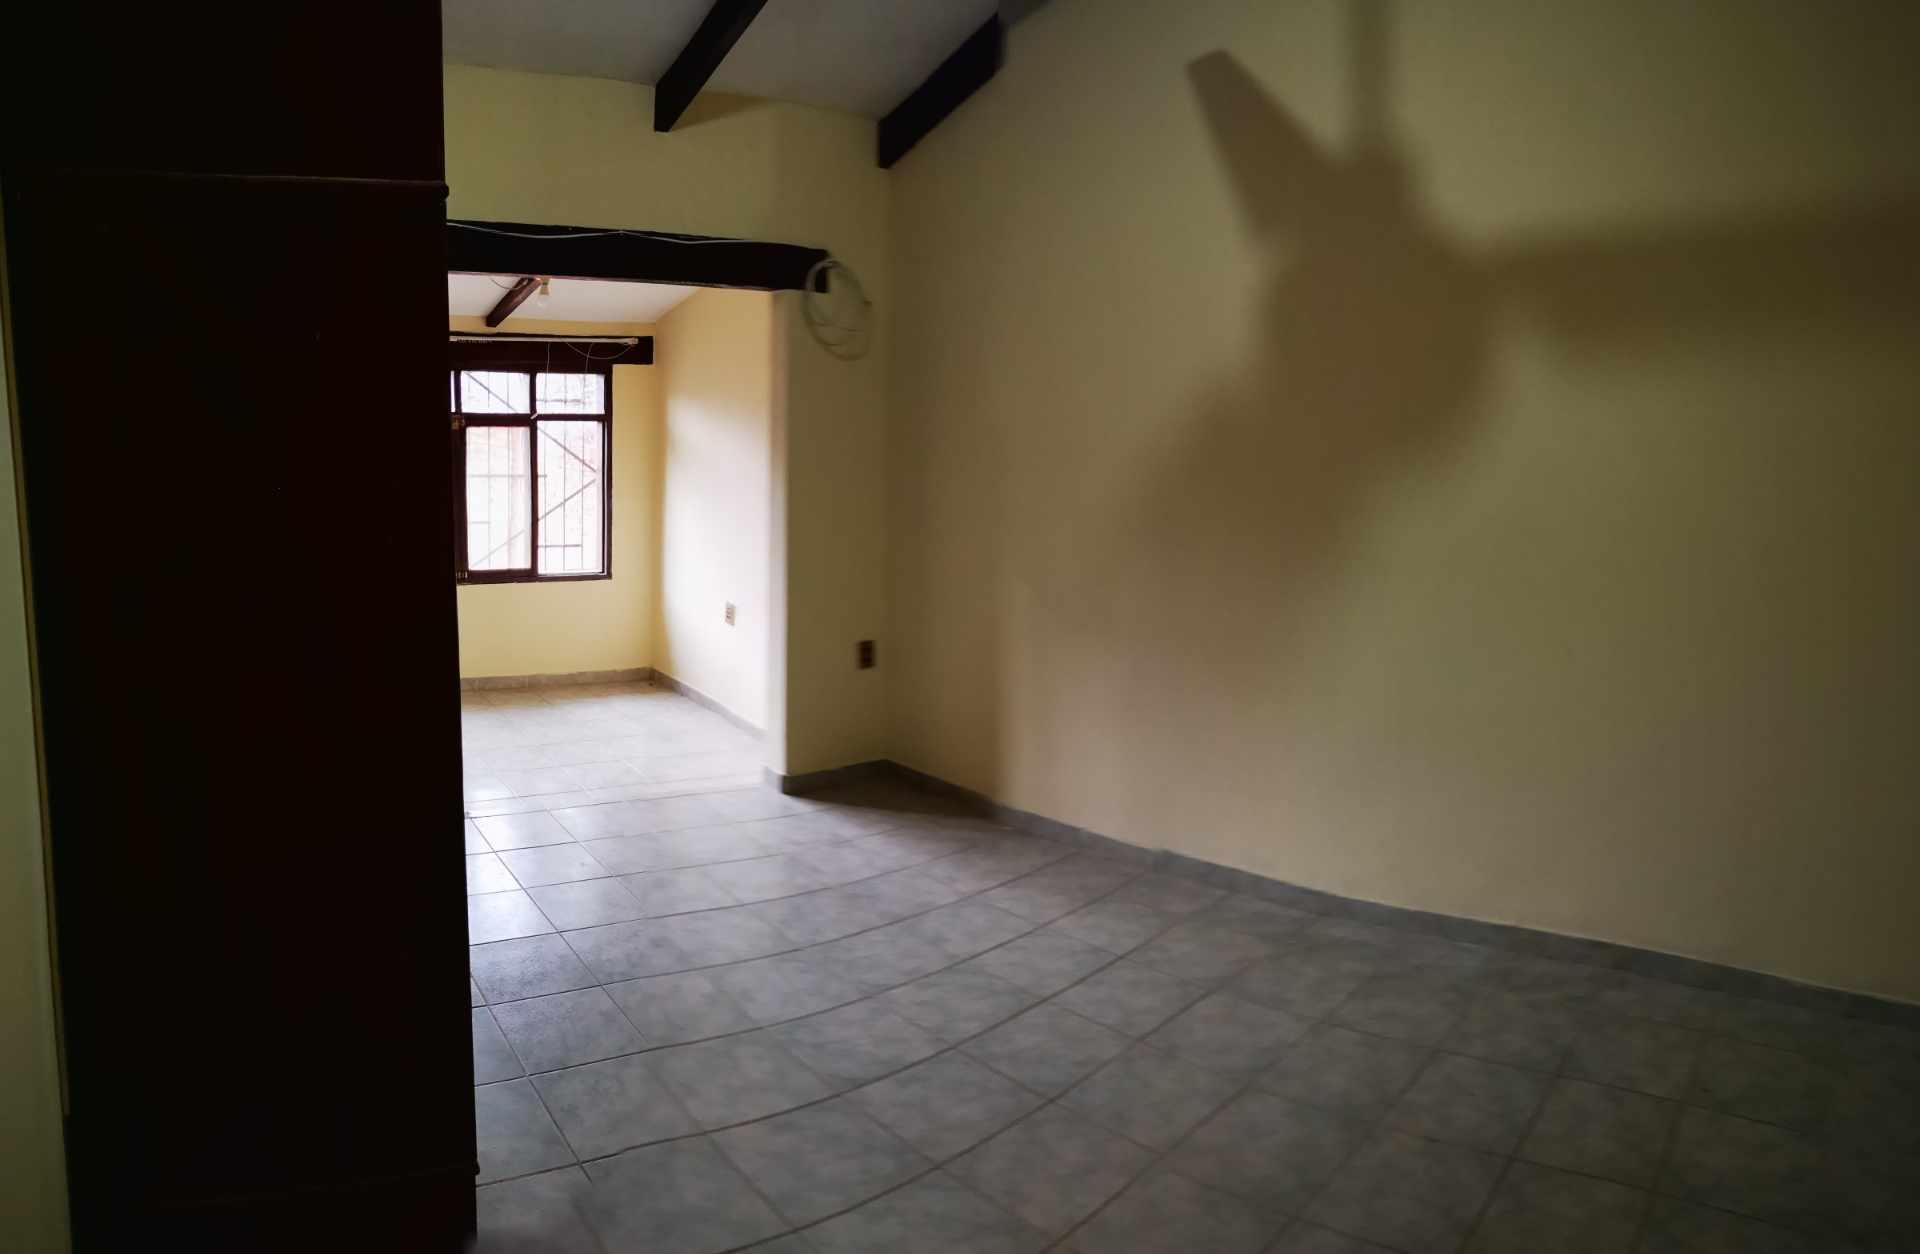 Casa en Alquiler Entre 4to y 5to anilo, entre Radial 10 y Av Sudamericana Calle Asoka Foto 12